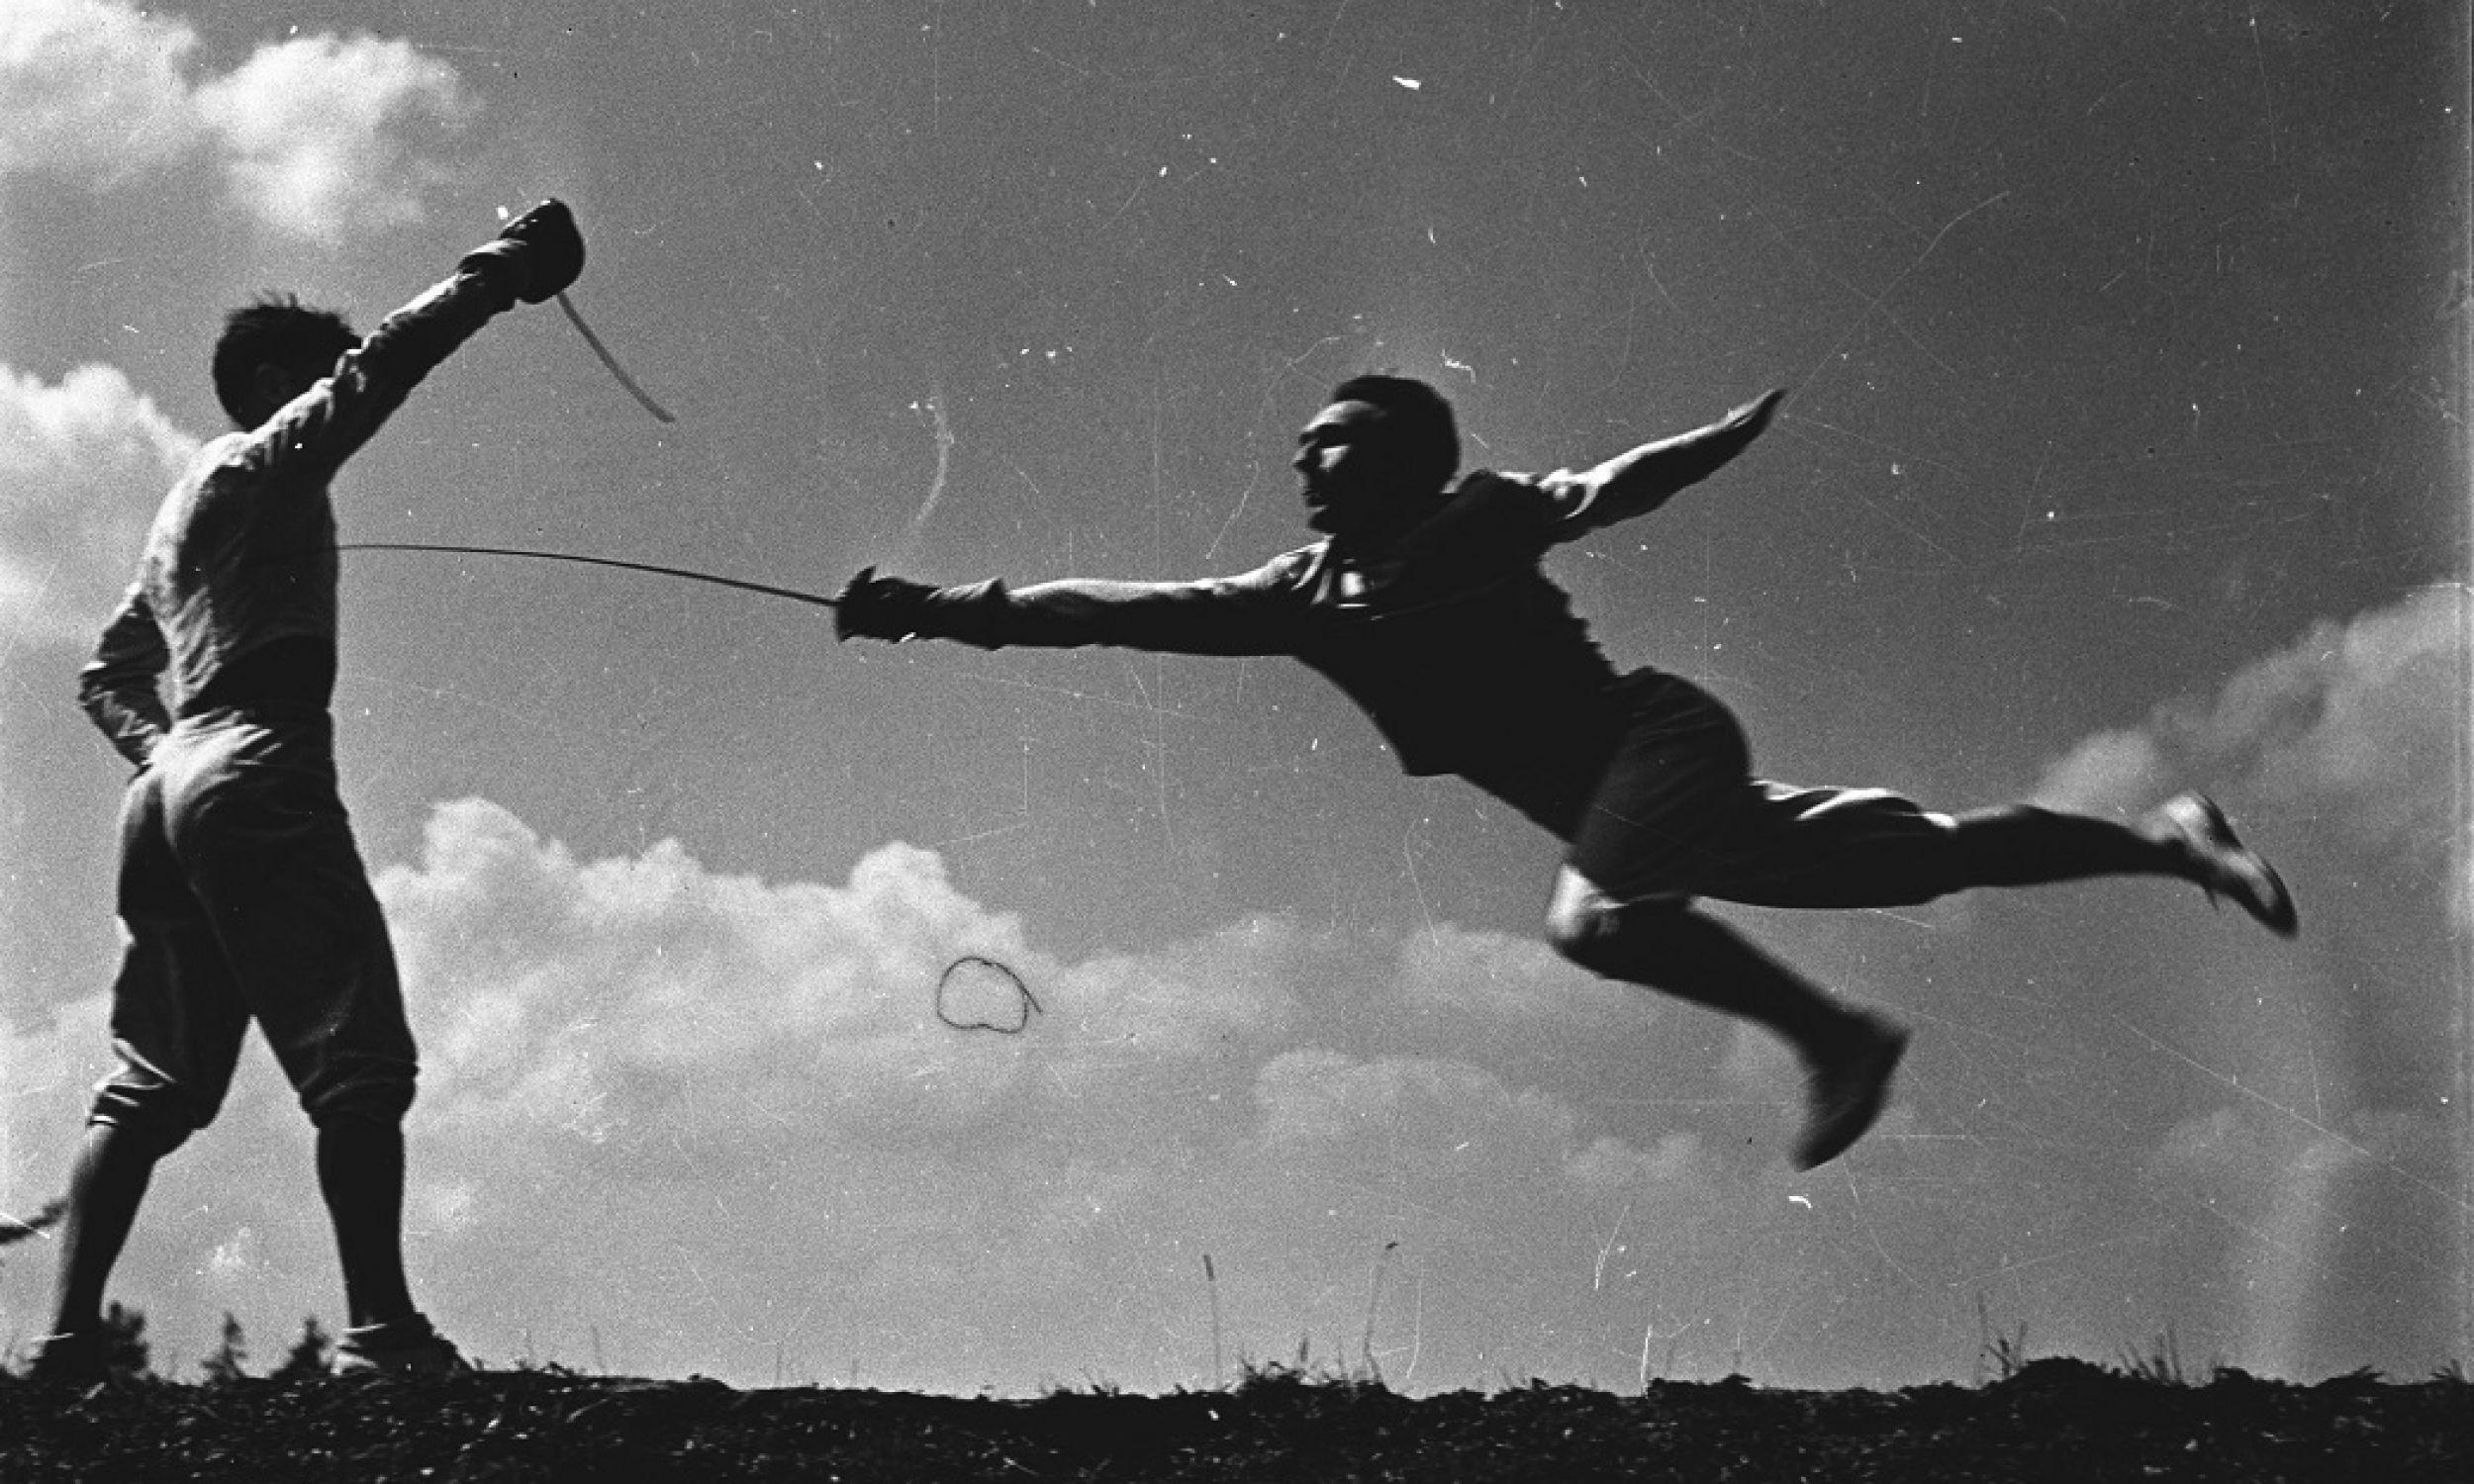 Był pięciokrotnym medalistą olimpijskim i siedmiokrotnym mistrzem świata. Nic dziwnego, skoro jego literackimi bohaterami od młodości byli Wołodyjowski, Kmicic, Skrzetuski i marzył, by zostać wielkim szermierzem, jak jego idole. No i wychował się w patriotycznej, walecznej rodzinie:  jego dziadek służył w Legionach Piłsudskiego, ojciec walczył w Armii Krajowej. Na zdjęciu szabliści: Jerzy Pawłowski (z prawej) z Wojciechem Zabłockim trenują w 1954 r. na obozie w Zakopanem. Fot. PAP/Włodzimierz Werner